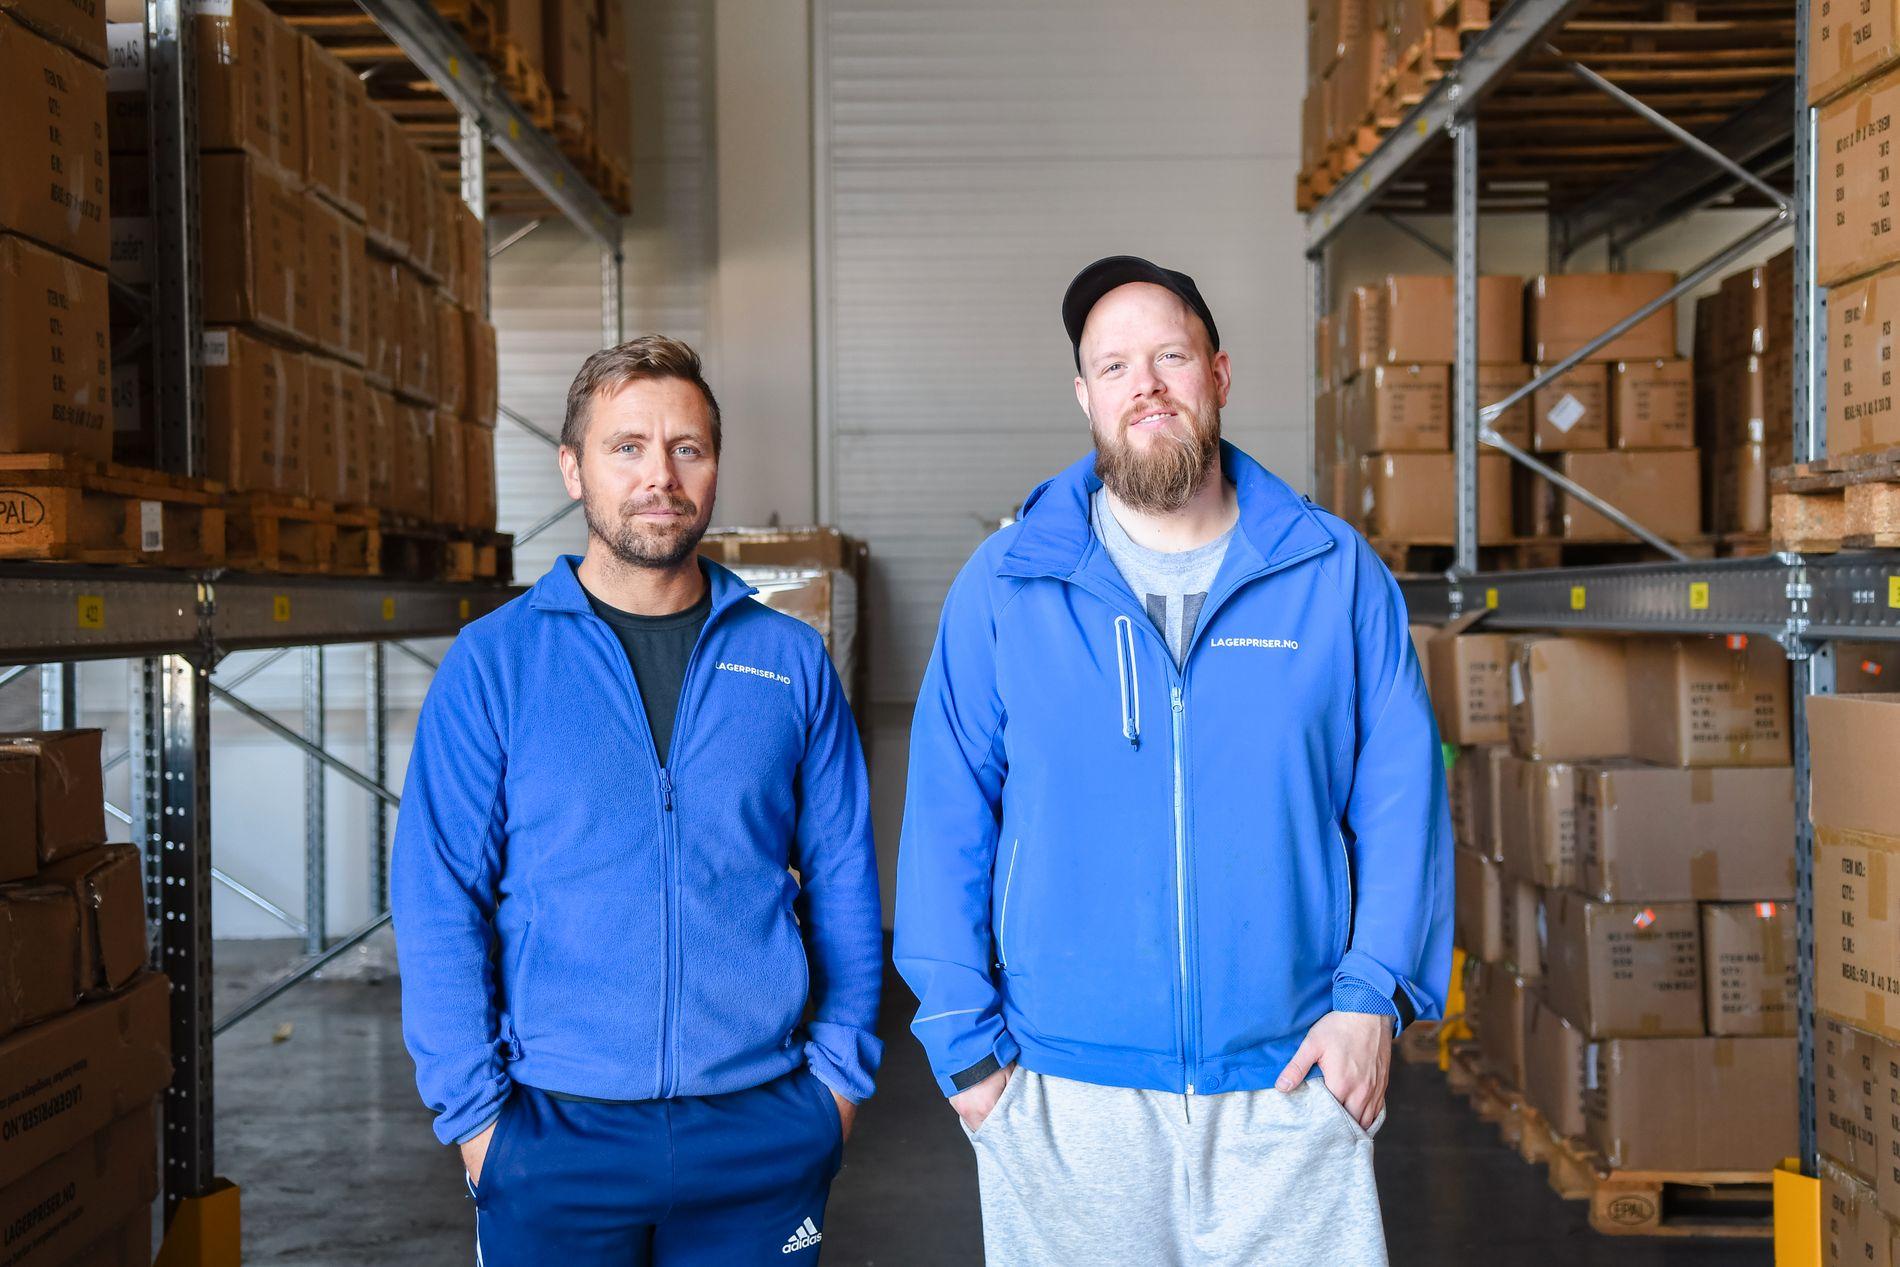 Kim Moen (t.v.) og Erik Kristiansen i Lagerpriser.no velger sjøtransport på grunn av kostnad og miljø.